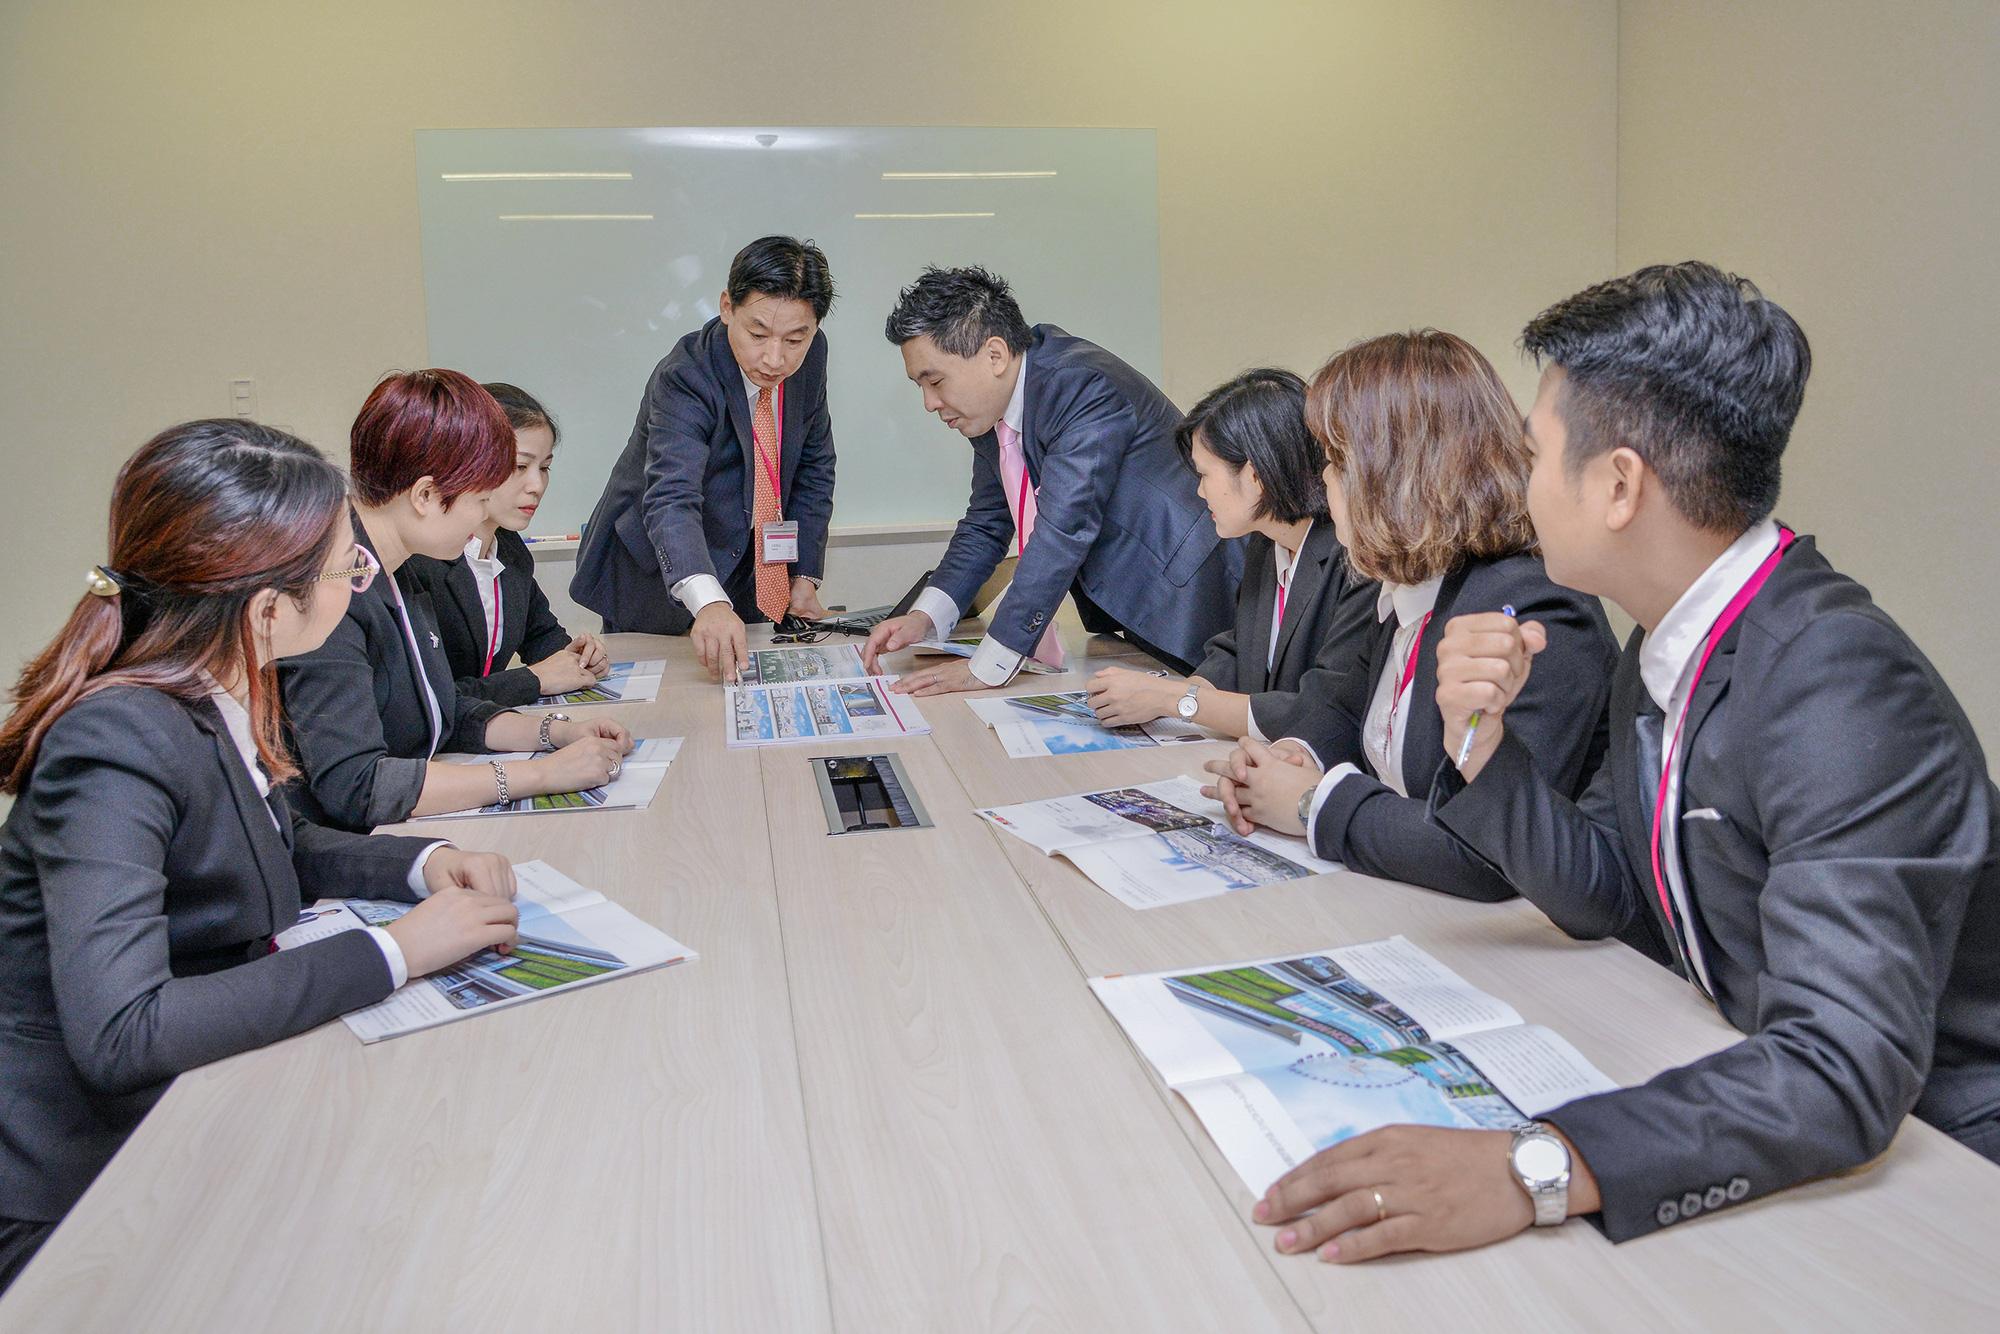 """Tổng Giám đốc AEONMALL Việt Nam: Thực hiện các dự án """"Happiness Mall"""" là mục tiêu phát triển bền vững - Ảnh 3."""